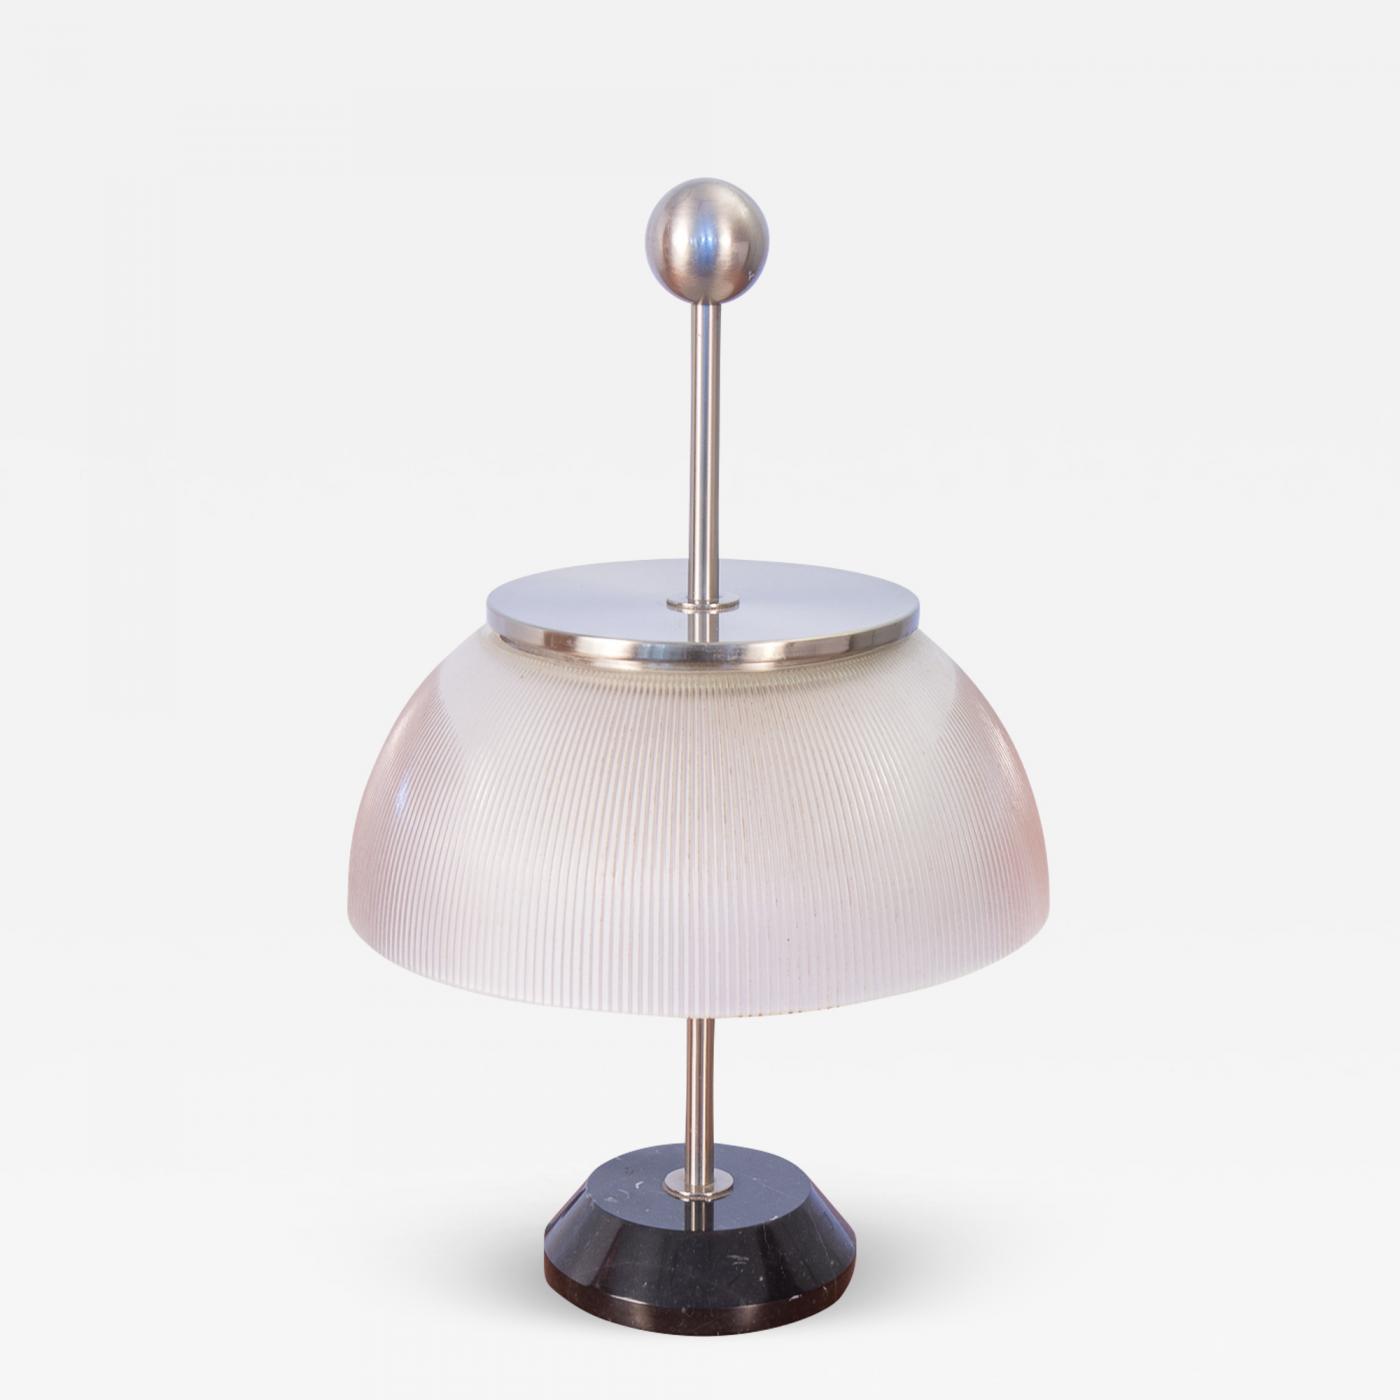 Listings / Furniture / Lighting / Table L&s & Sergio Mazza - Sergio Mazza